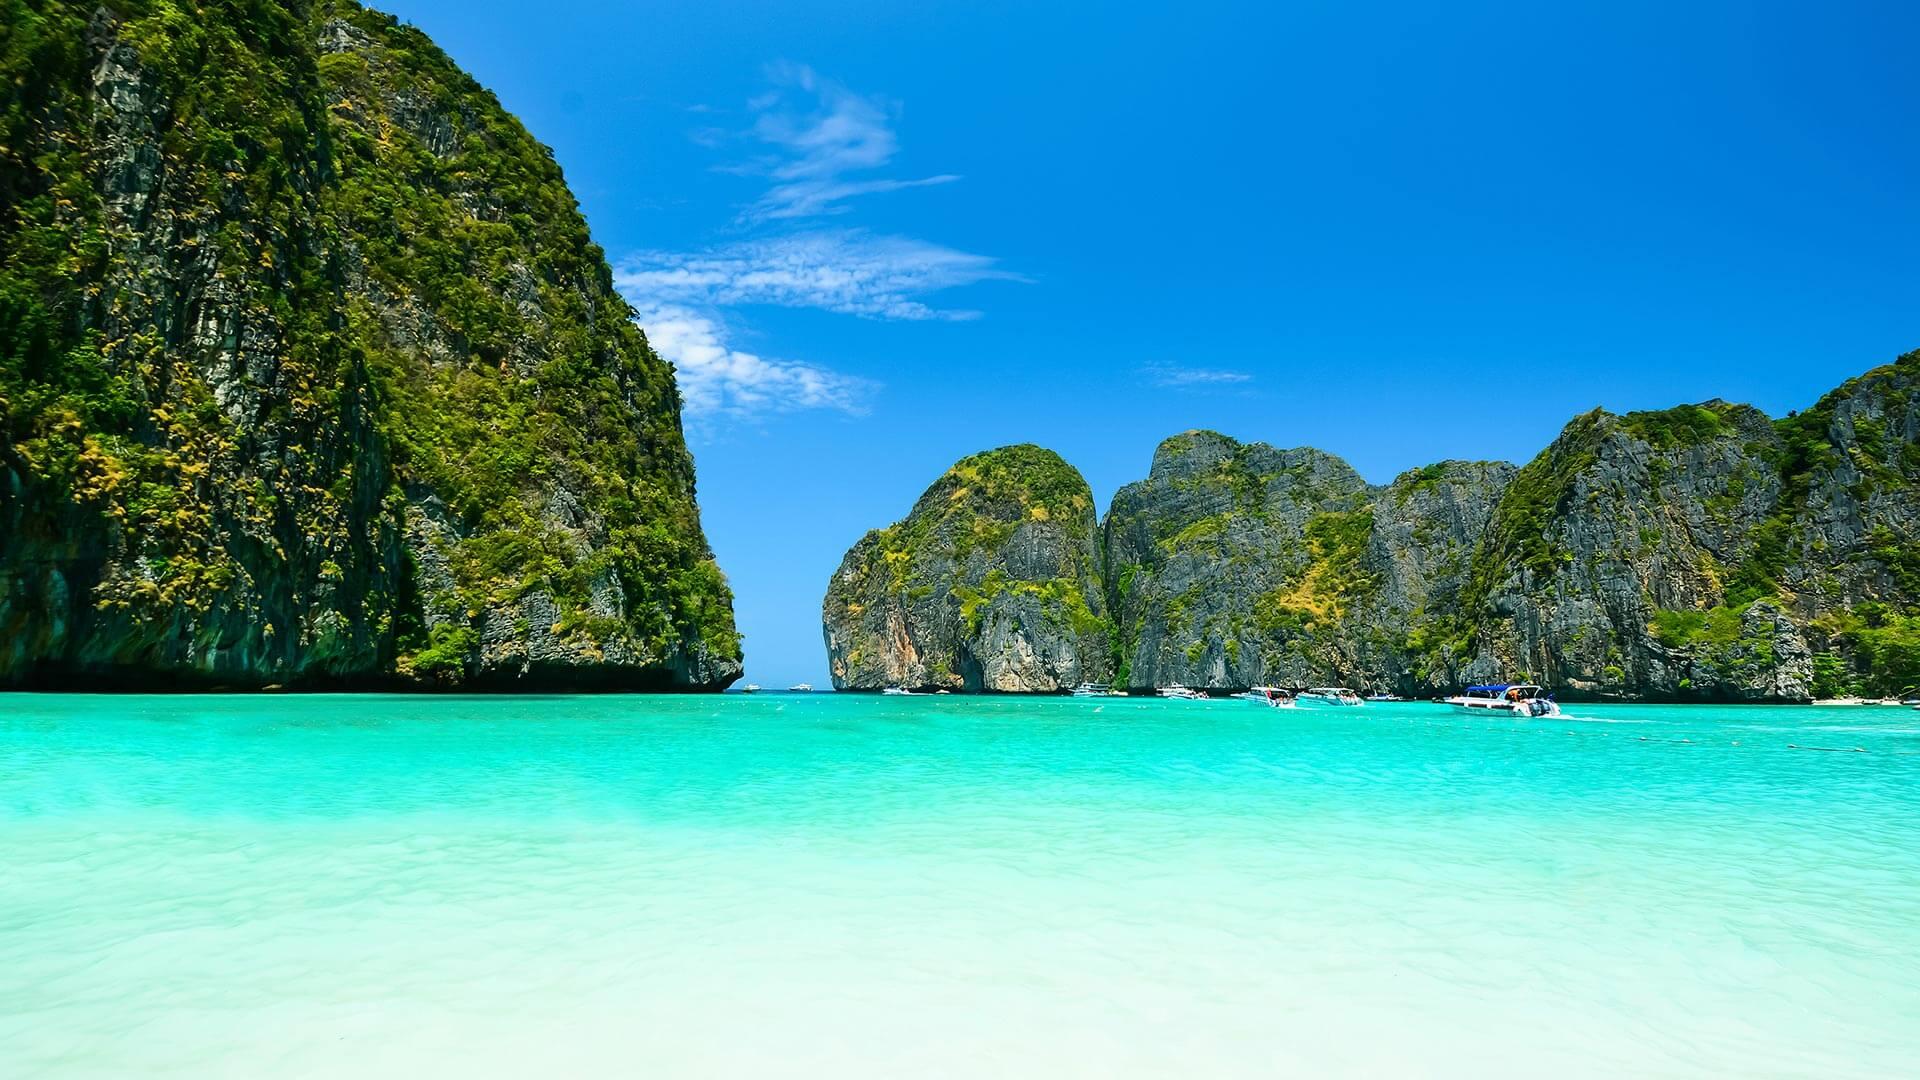 Maya-Bay-Phi-Phi-Islands-Scuba-Diving-Best-Day-Trip.jpg